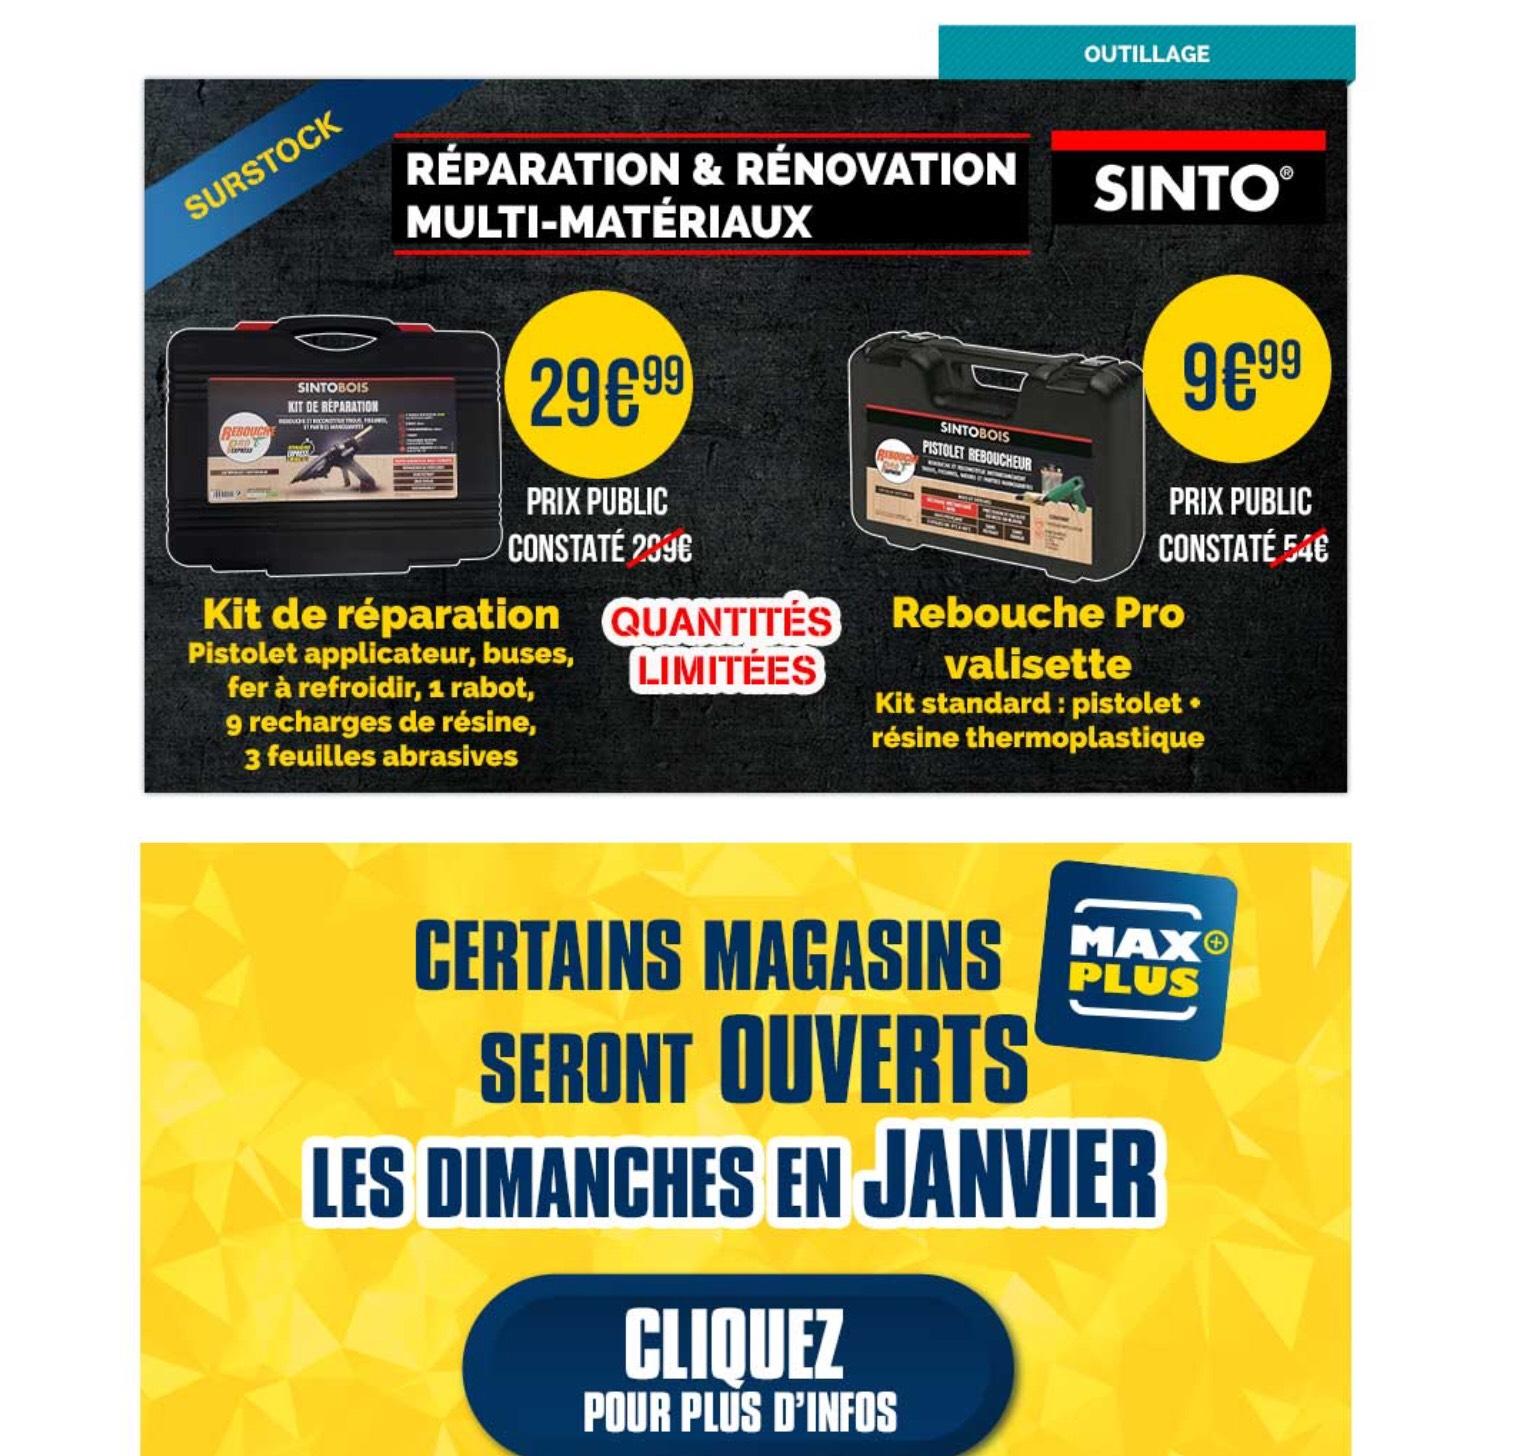 Kit de réparation SintoBois -pistolet applicateur, buses, fer à refroidir, rabot + accessoires